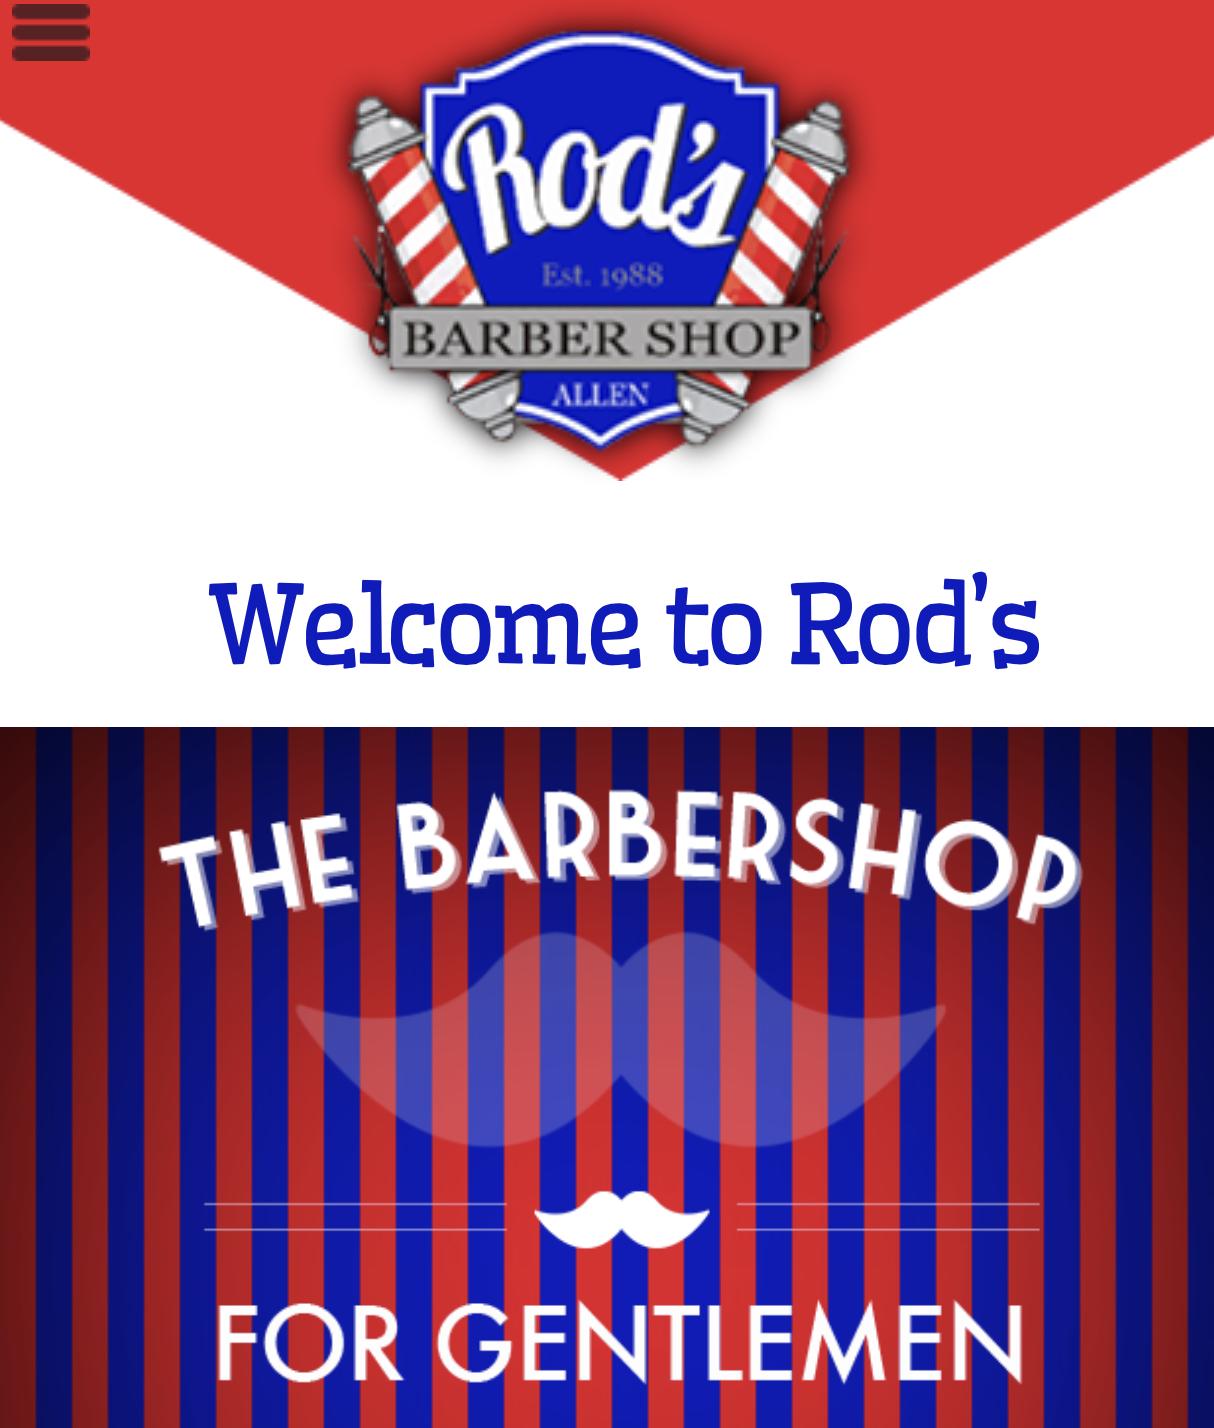 Rod's Barber Shop in Allen, TX